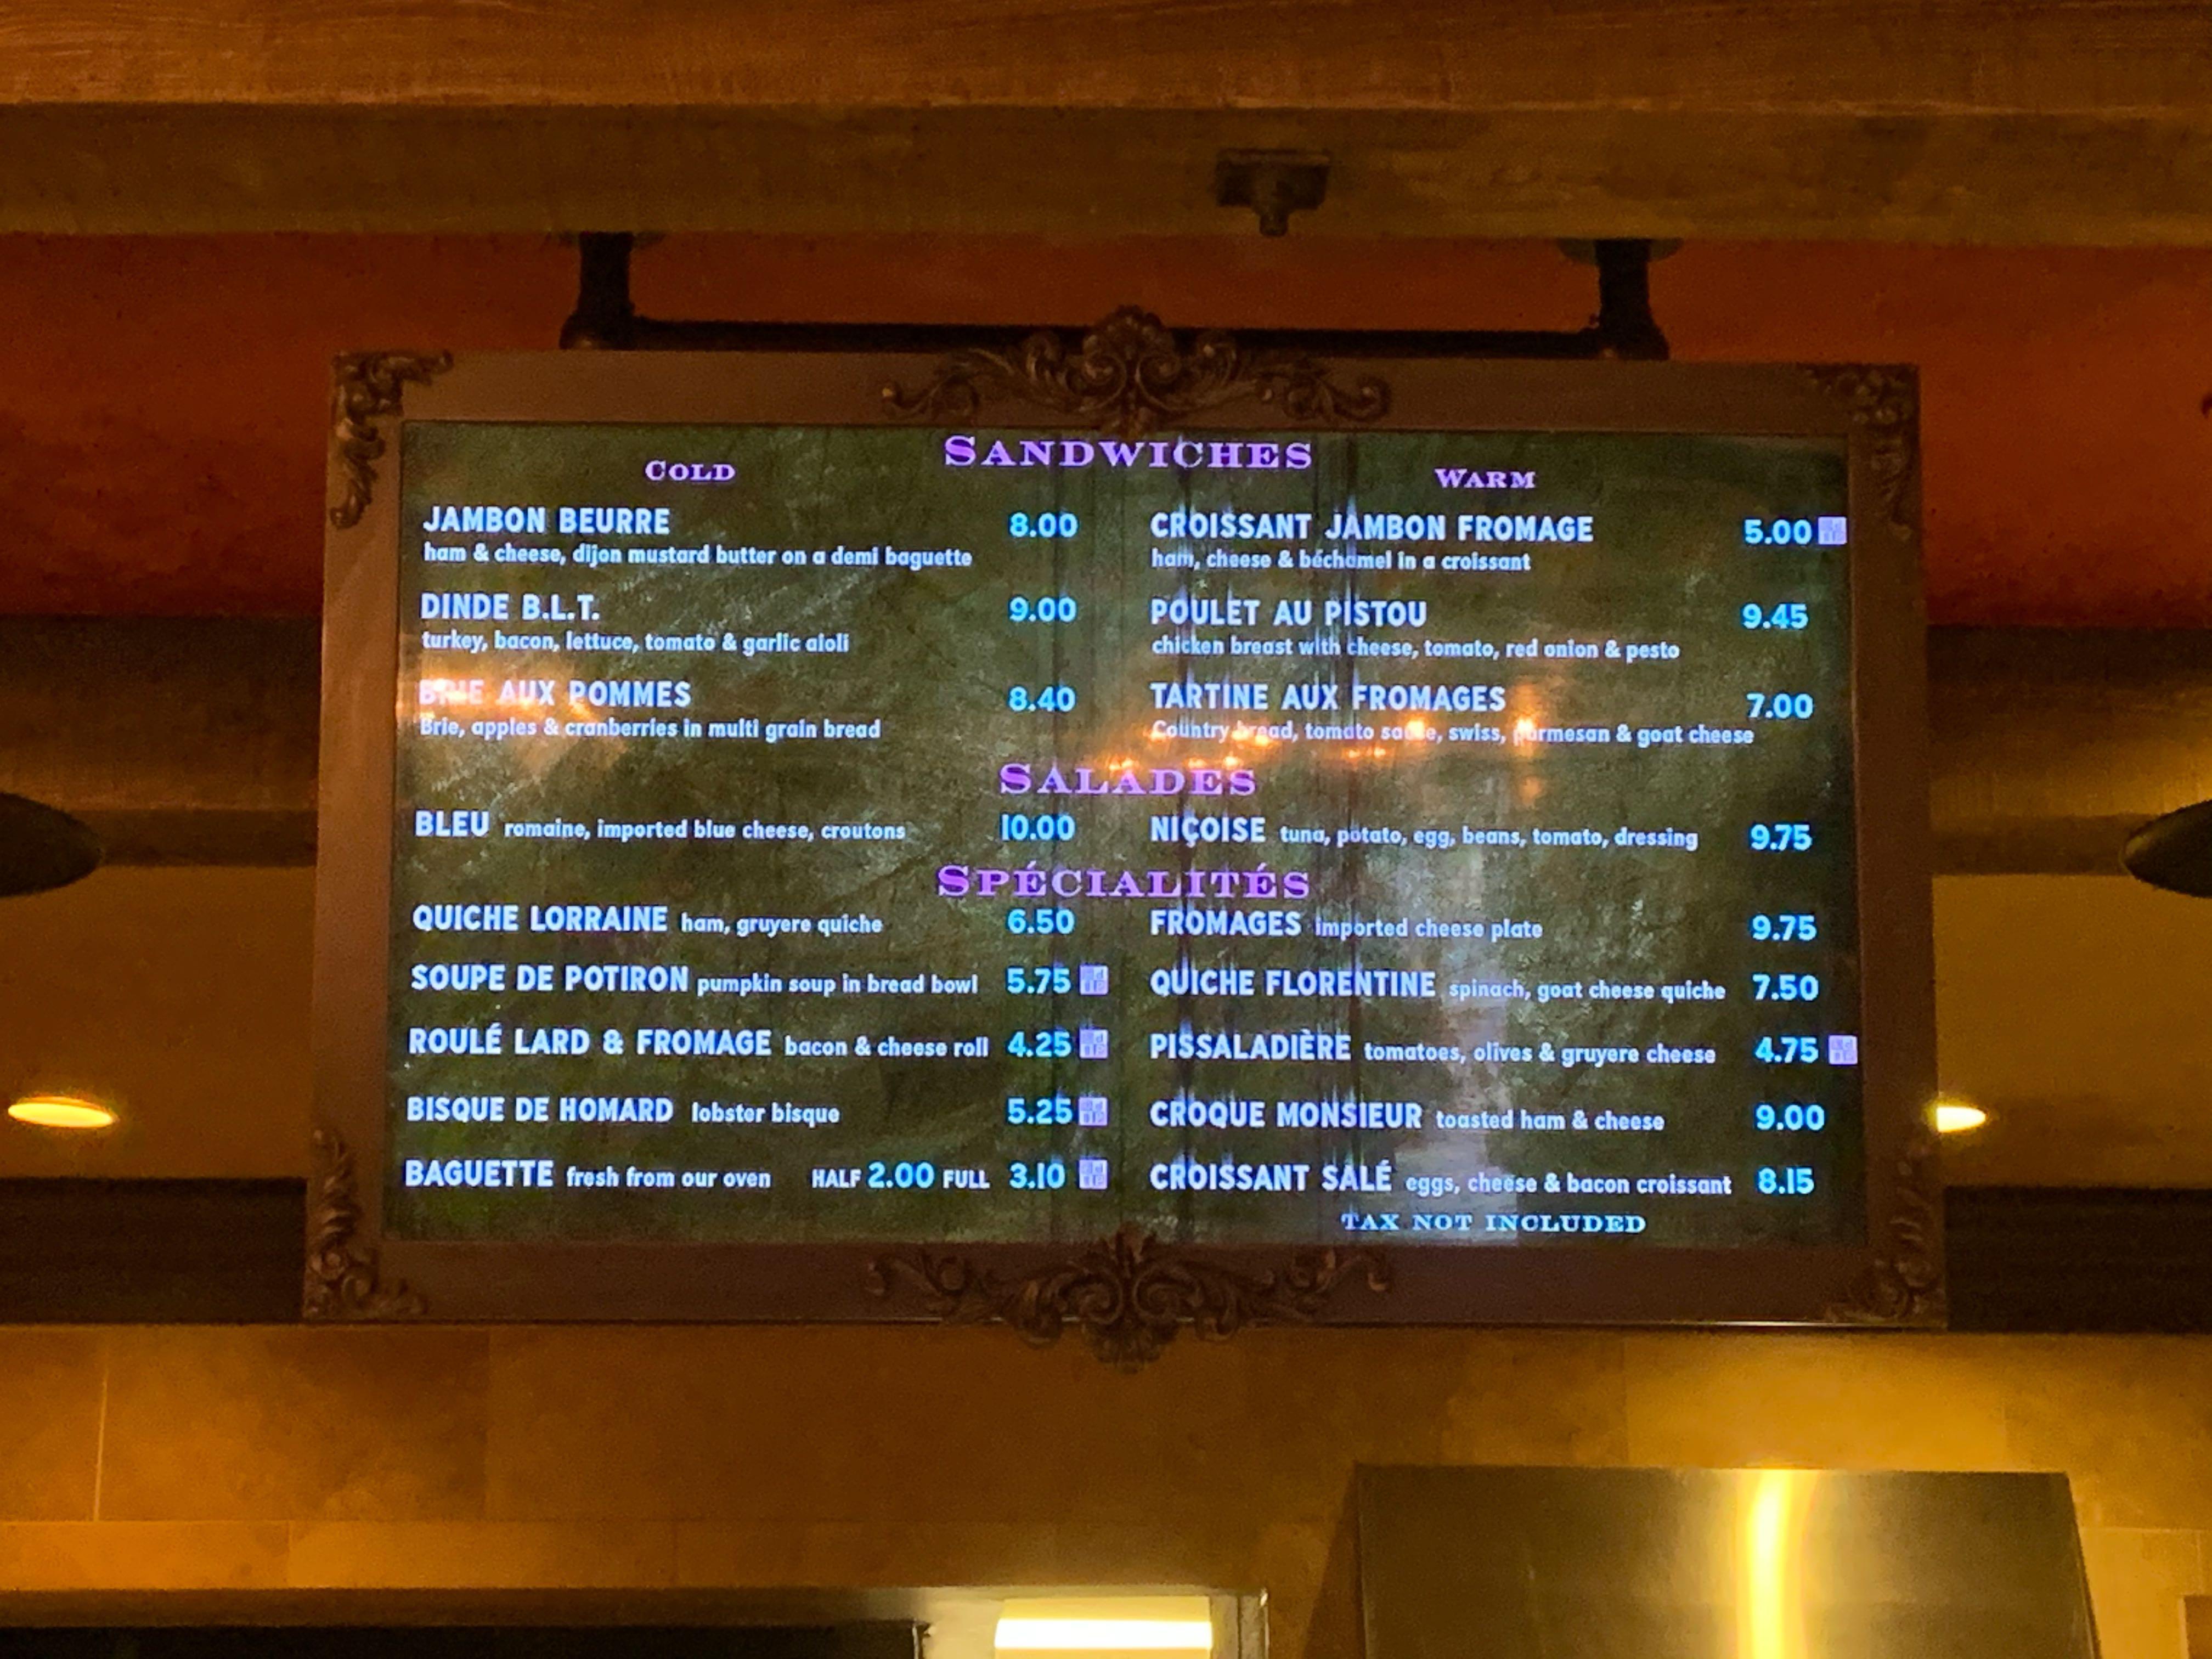 less-halles-menu-01-12-2020-2.jpg